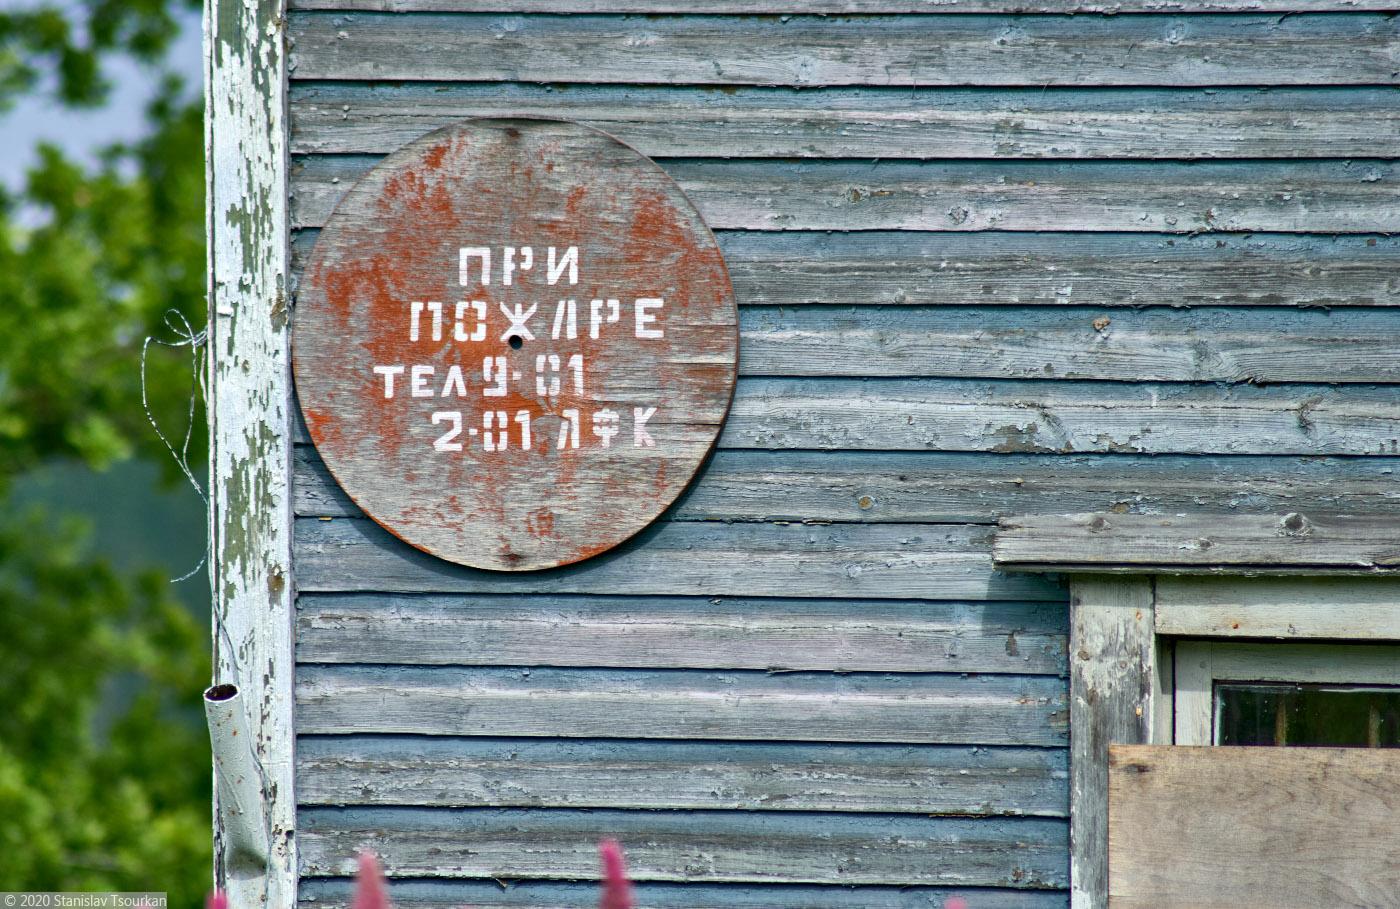 Лахденпохья, Карелия, республика Карелия, при пожаре звонить